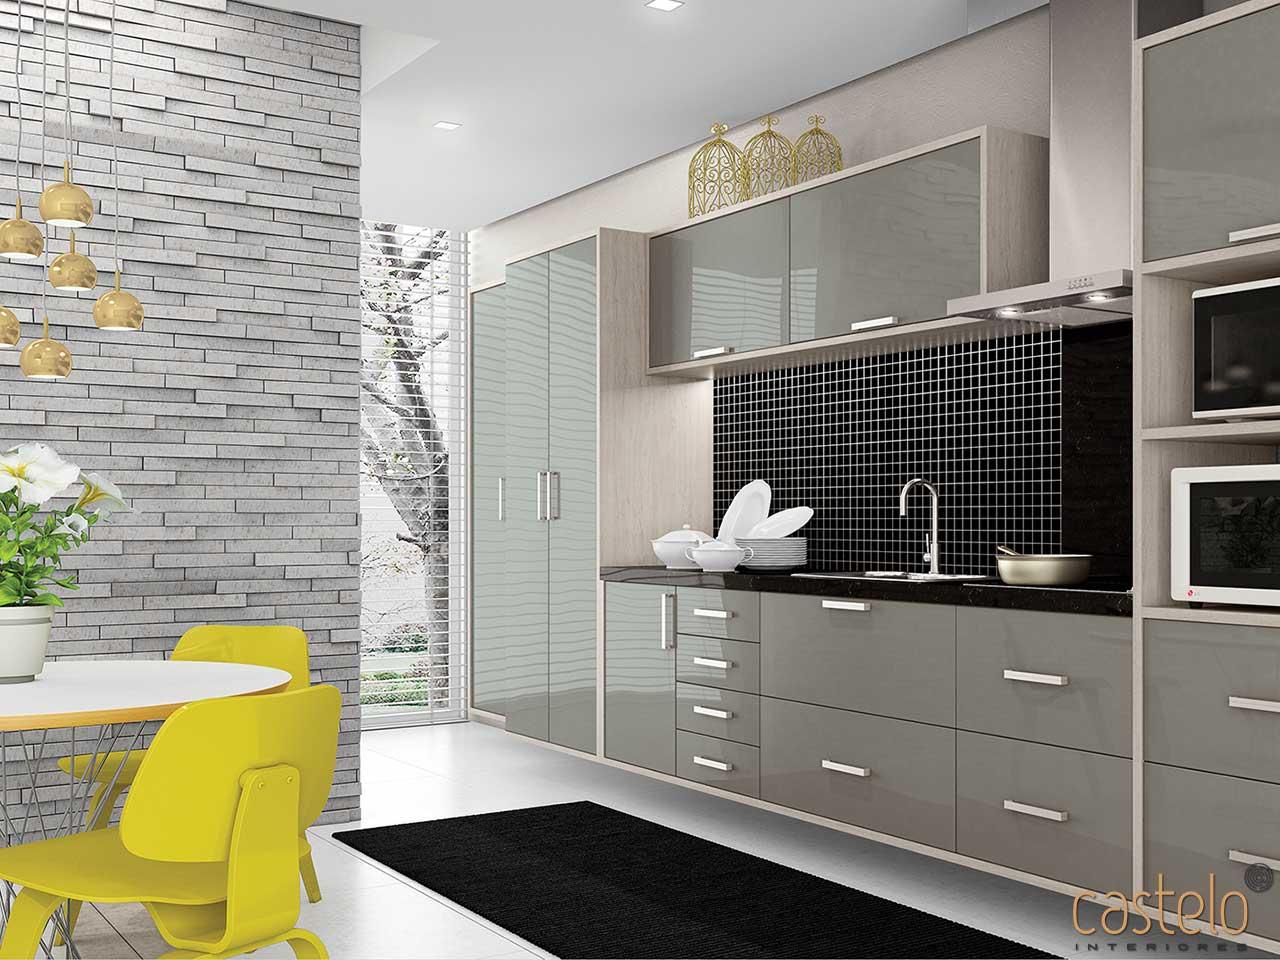 castelo-interiores-cozinha3